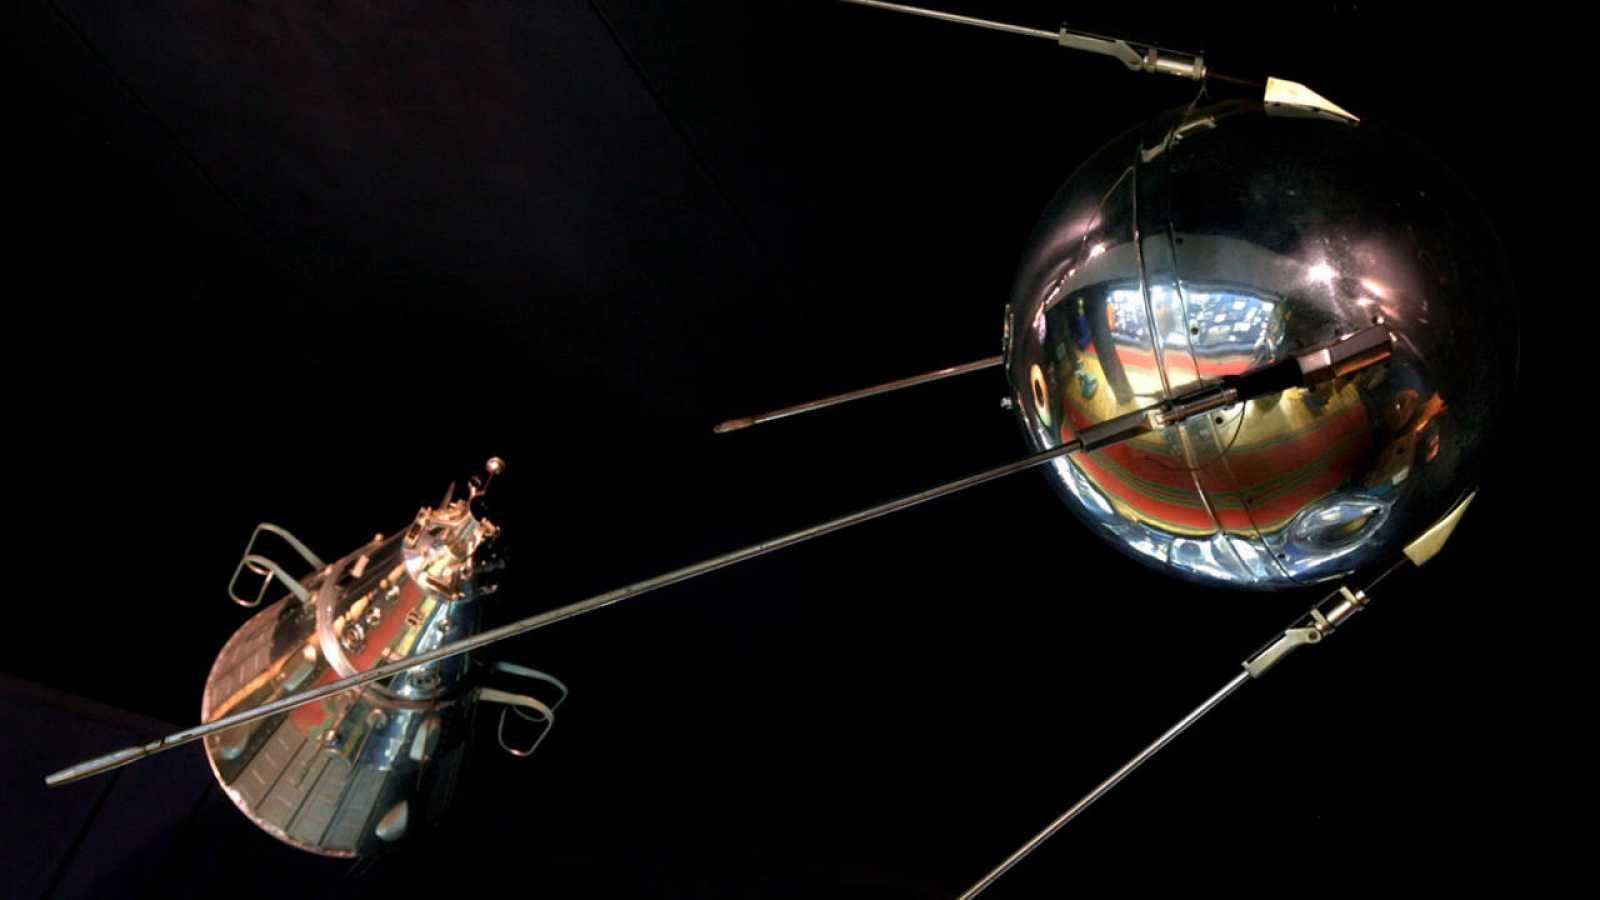 Réplica del Sputnik (D) que puede verse en el museo del centro de entrenamiento de astronautas en la Ciudad de las Estrellas de Moscú.